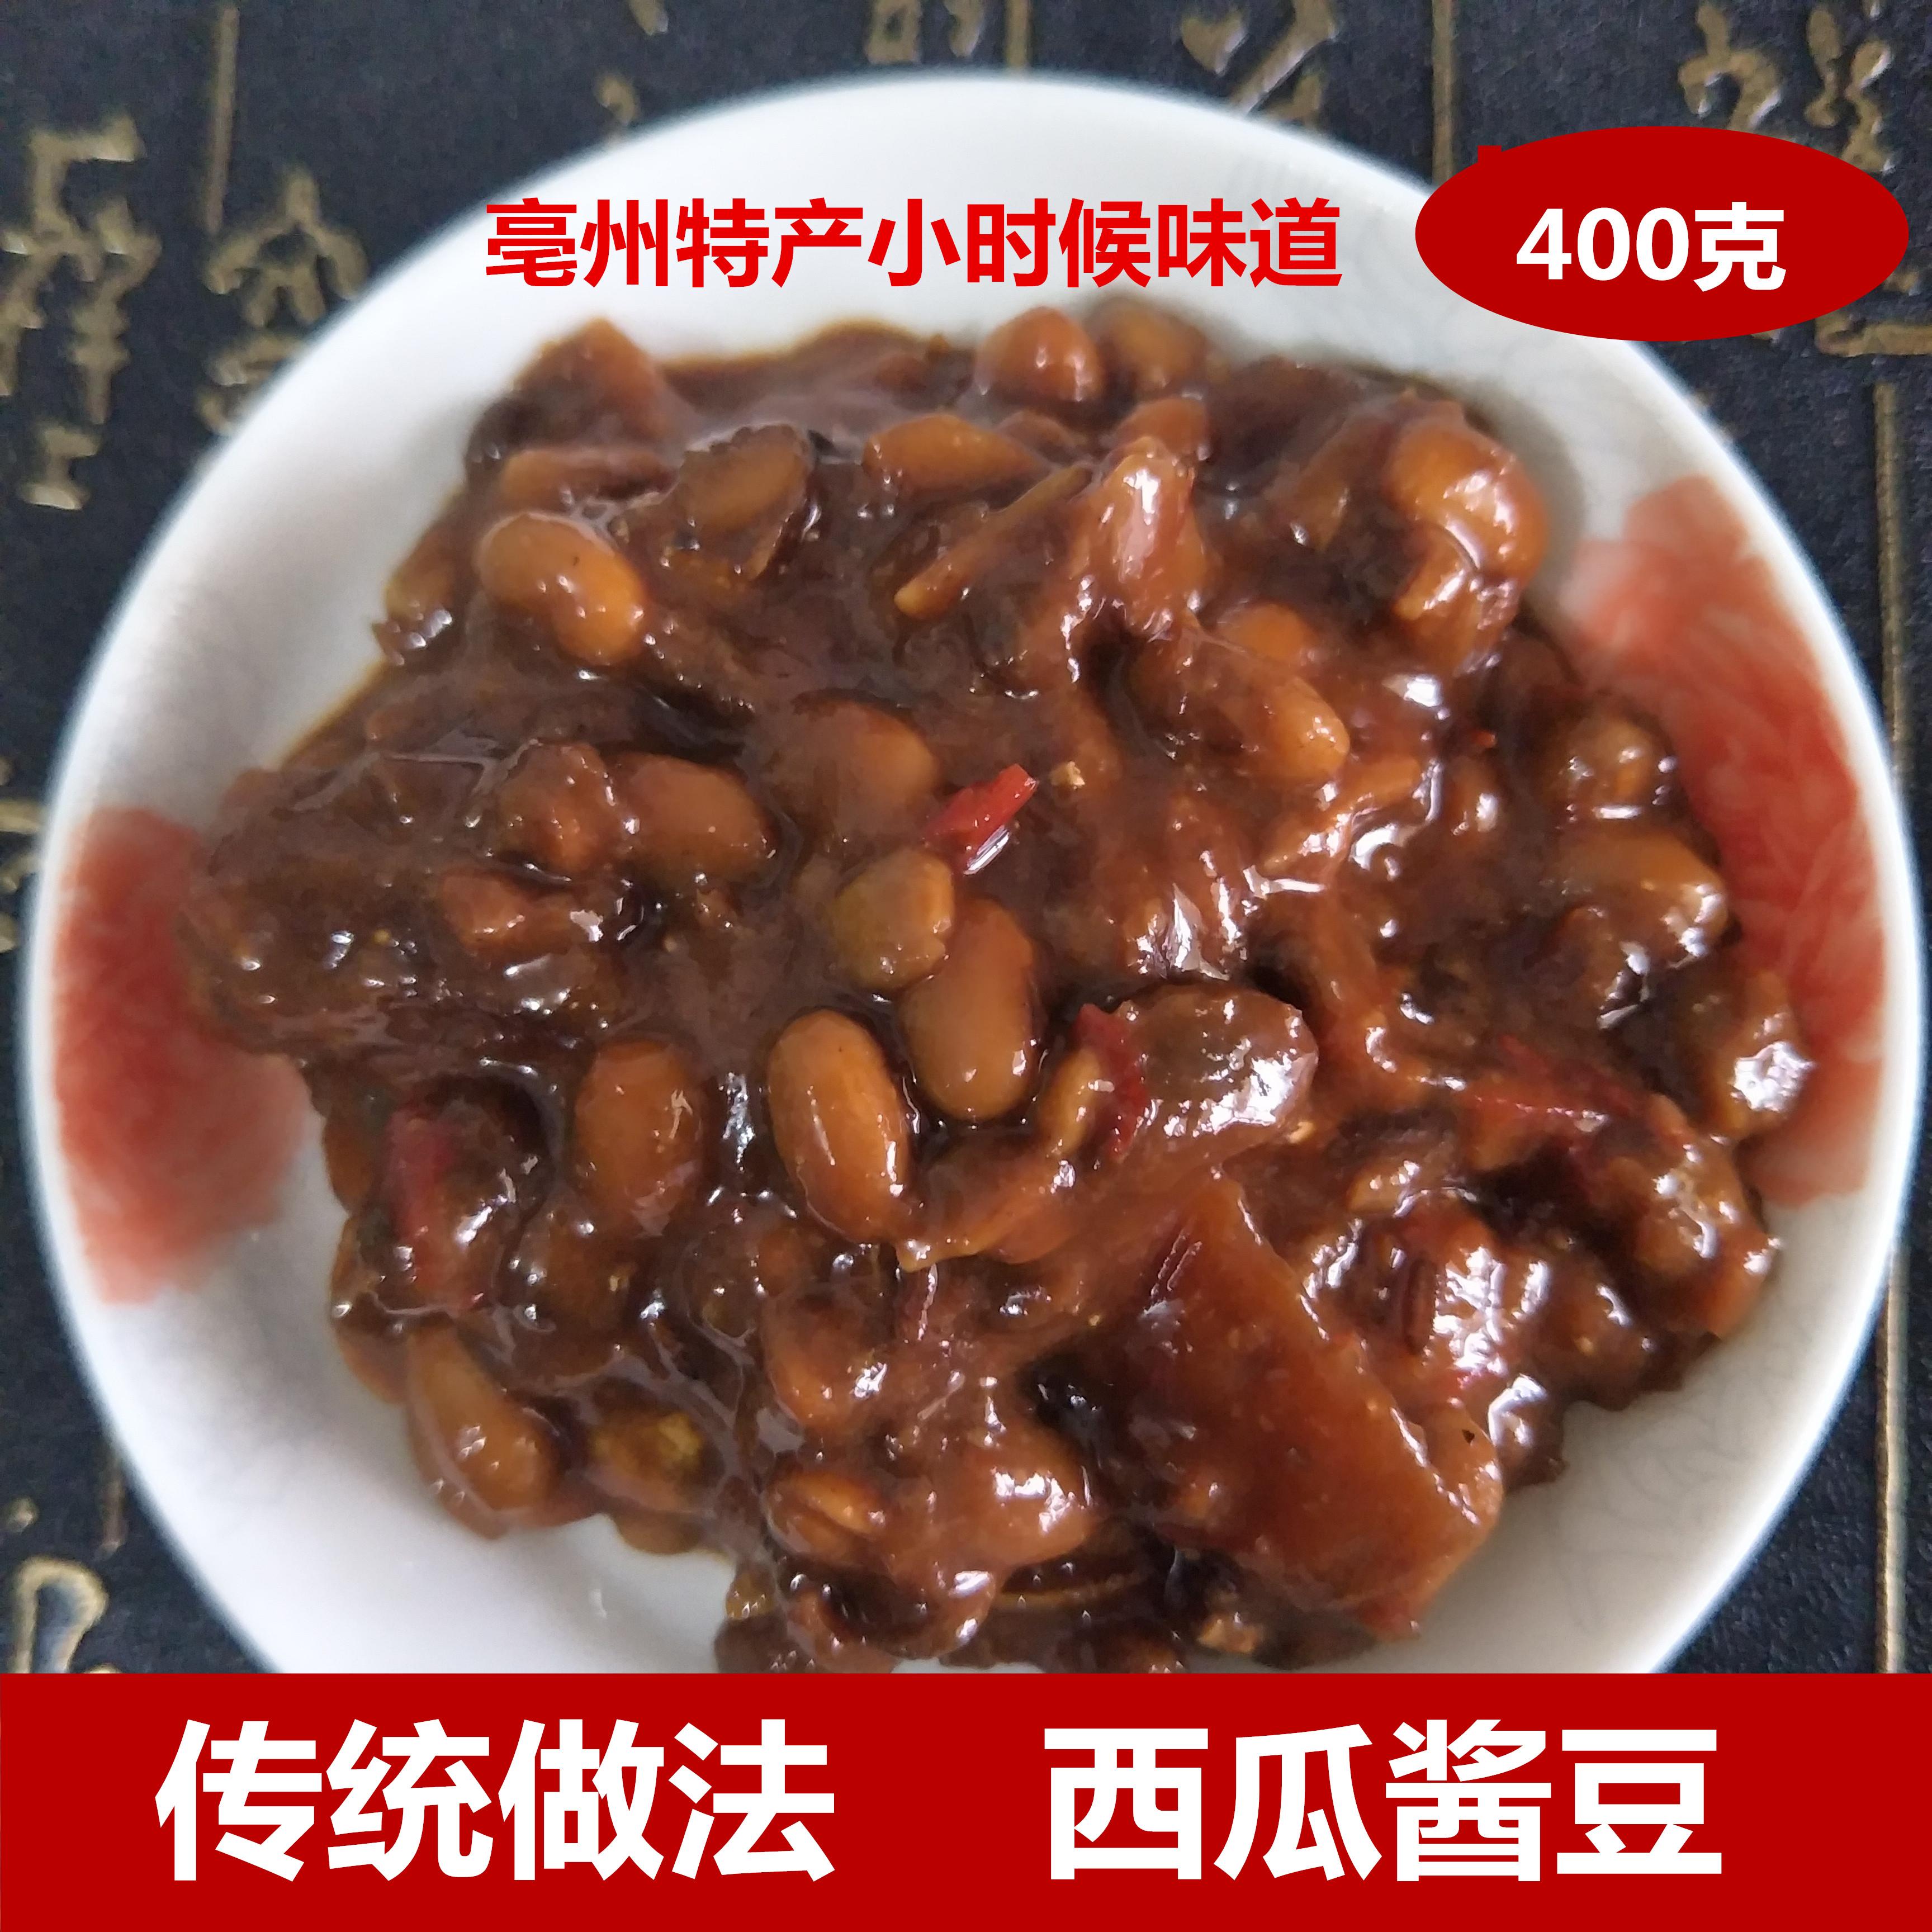 酱豆子安徽亳州特产豆瓣酱 正宗农家自制熟辣椒酱豆 西瓜酱豆即食